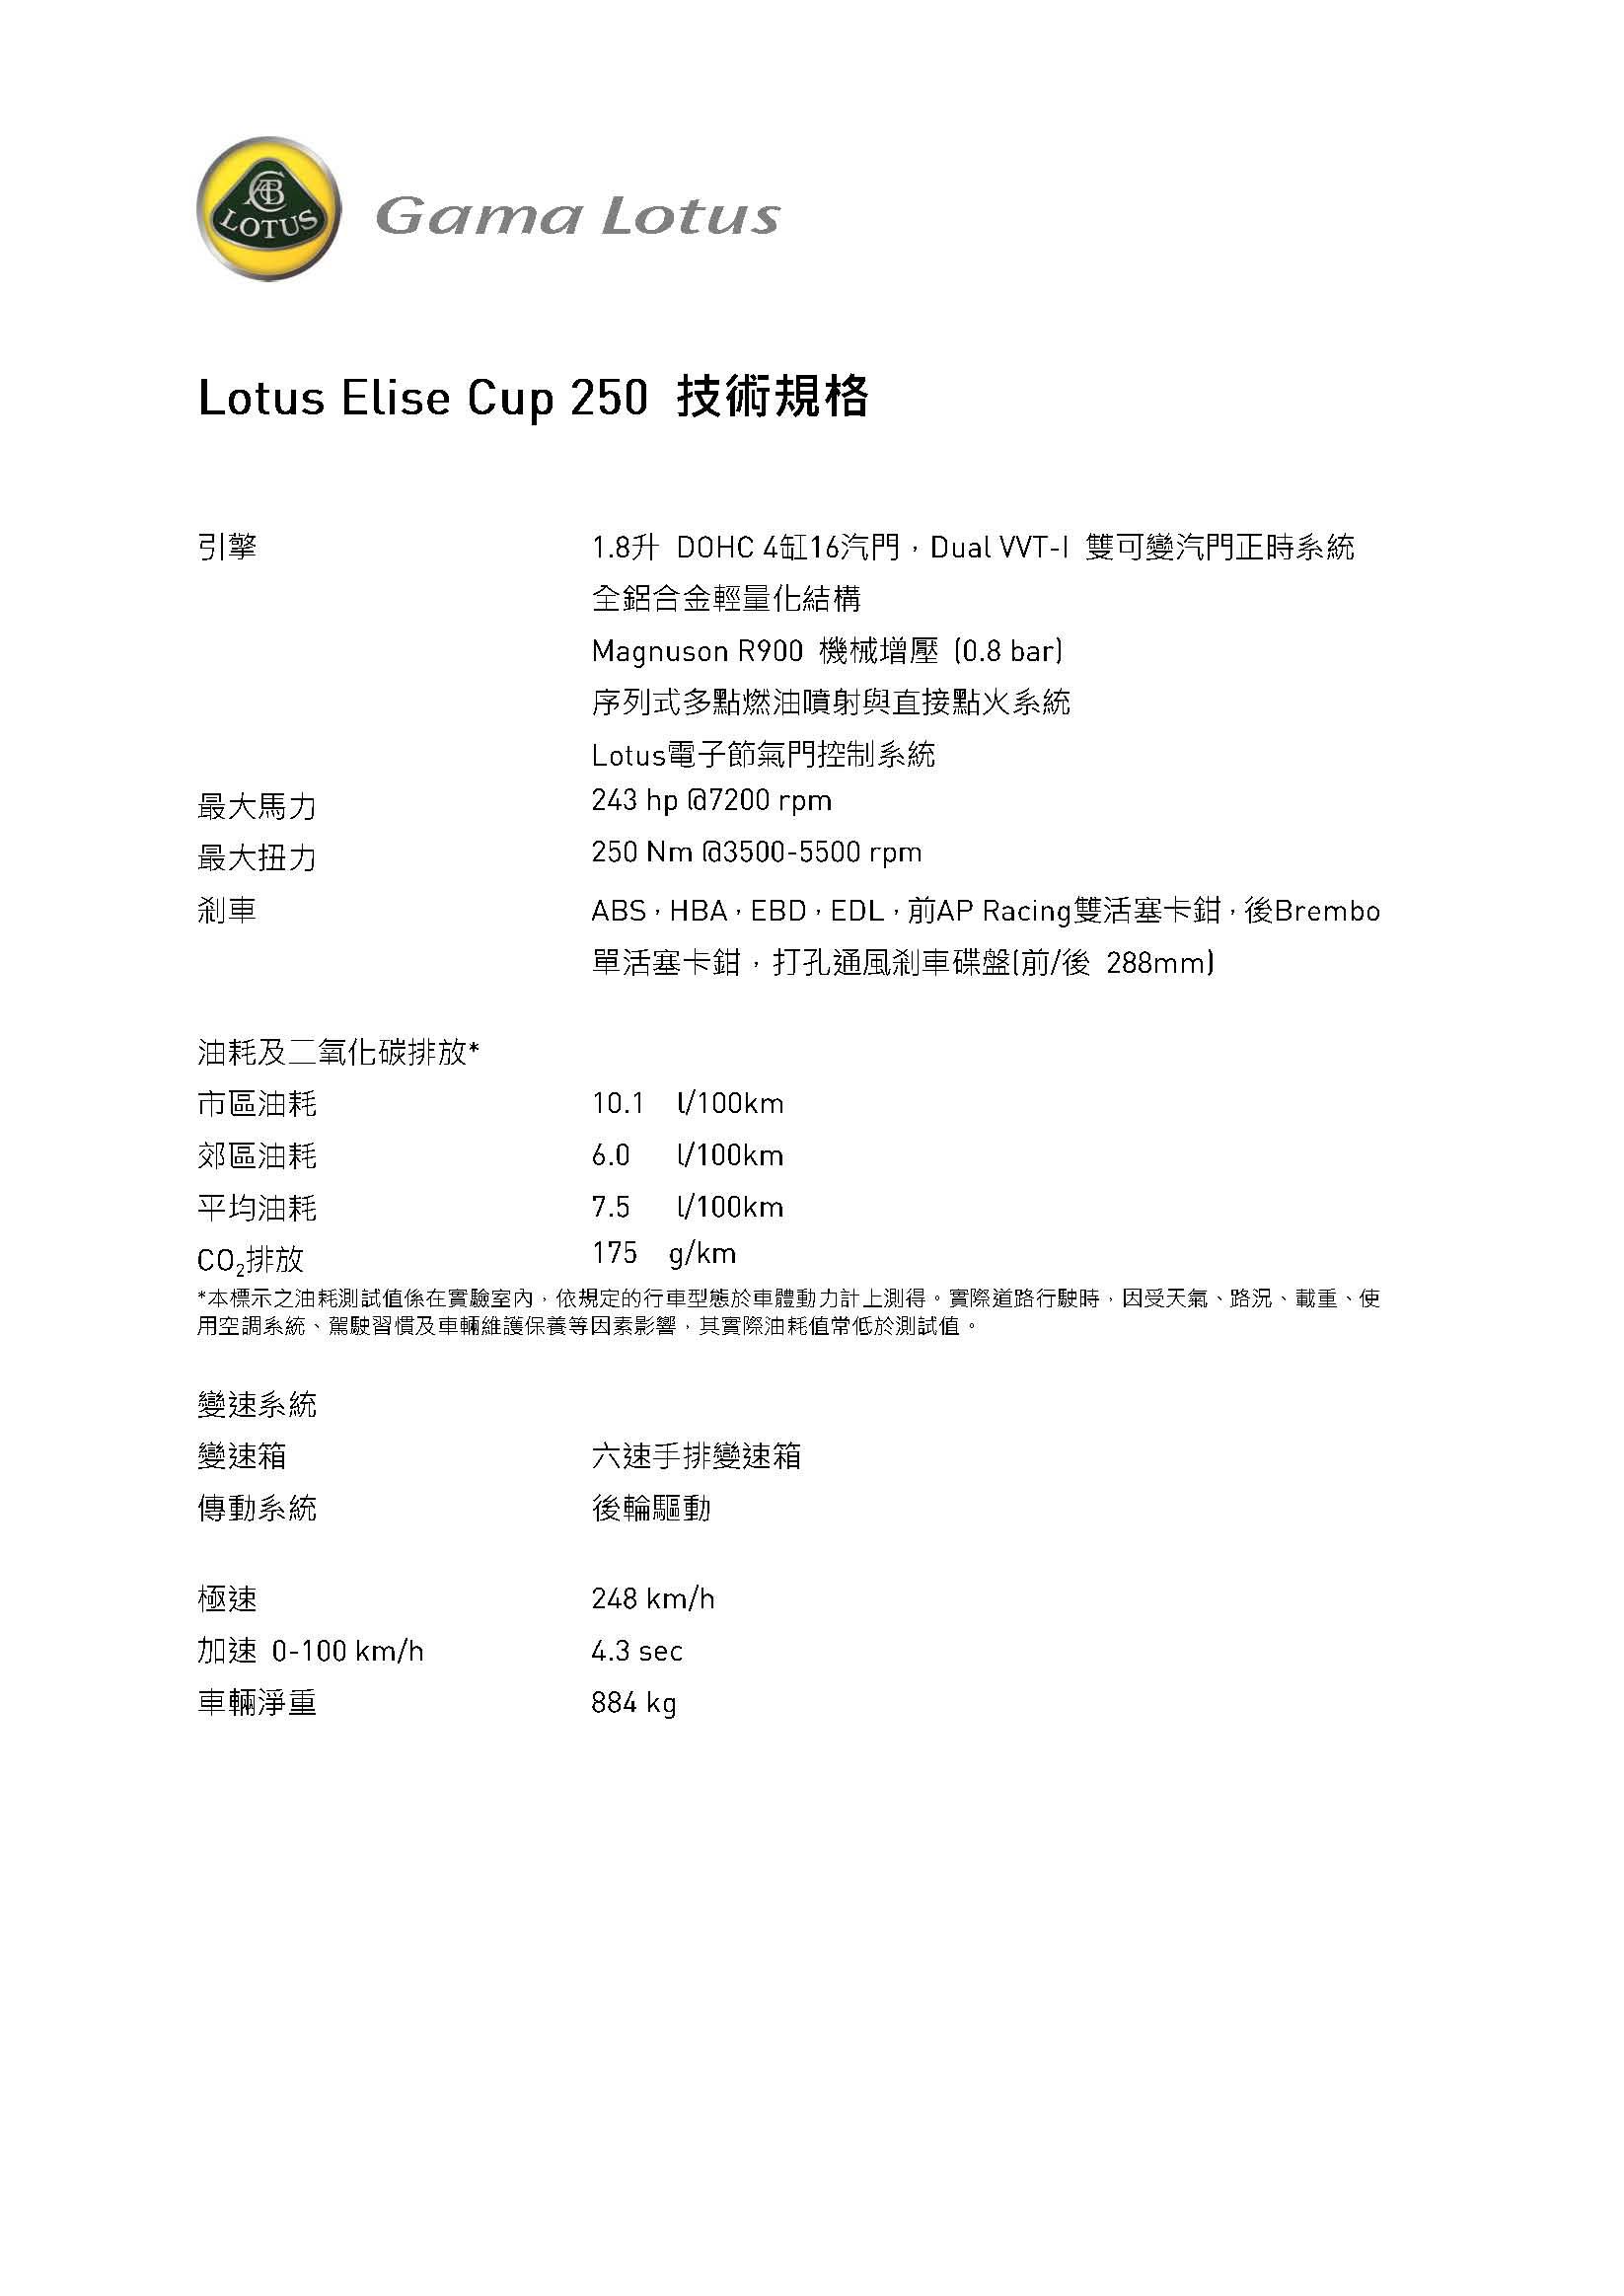 Lotus Elise Cup 250技術規格